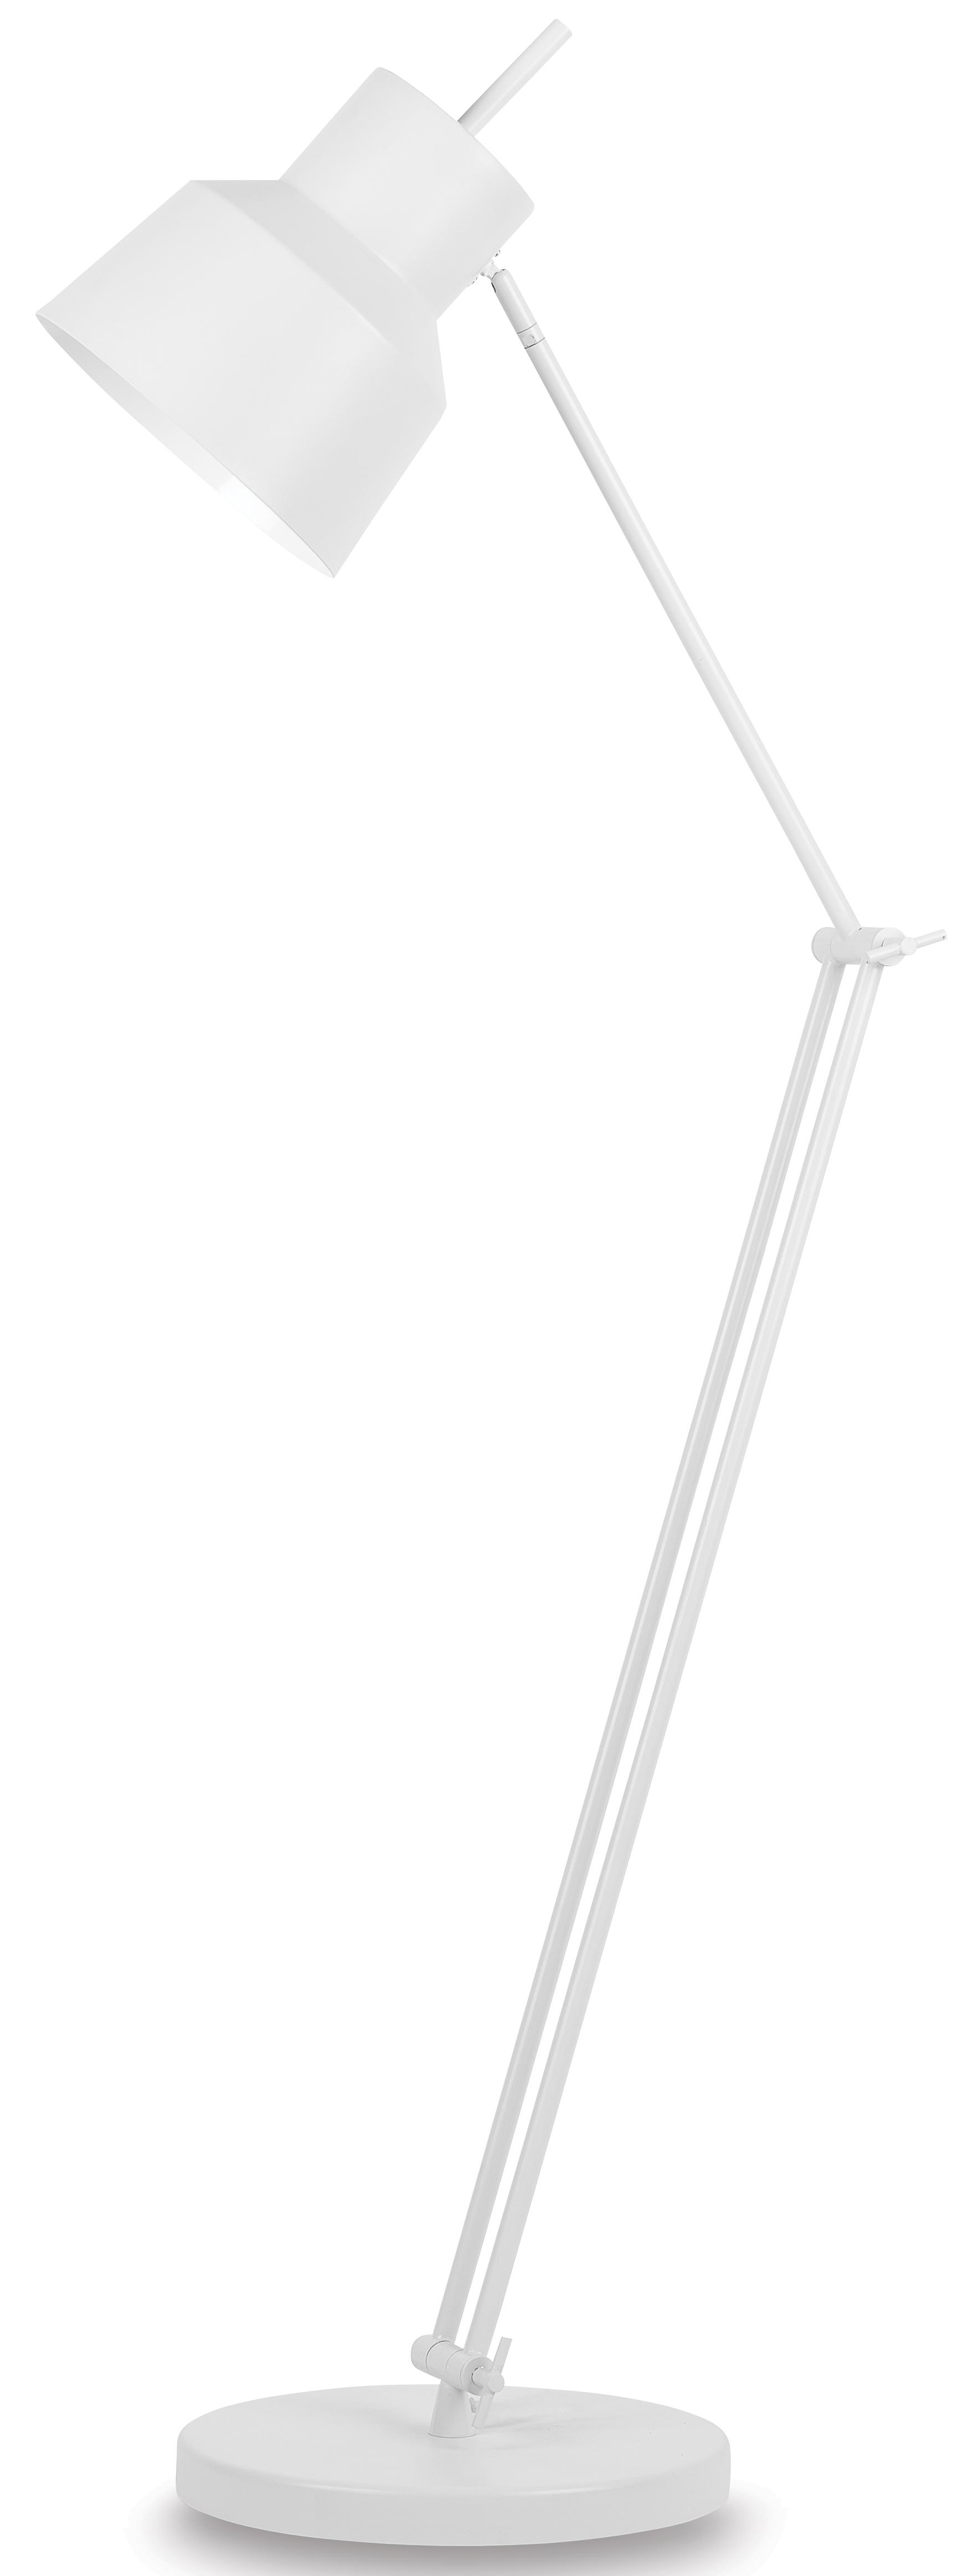 Lampadaire ajustable blanc H156cm